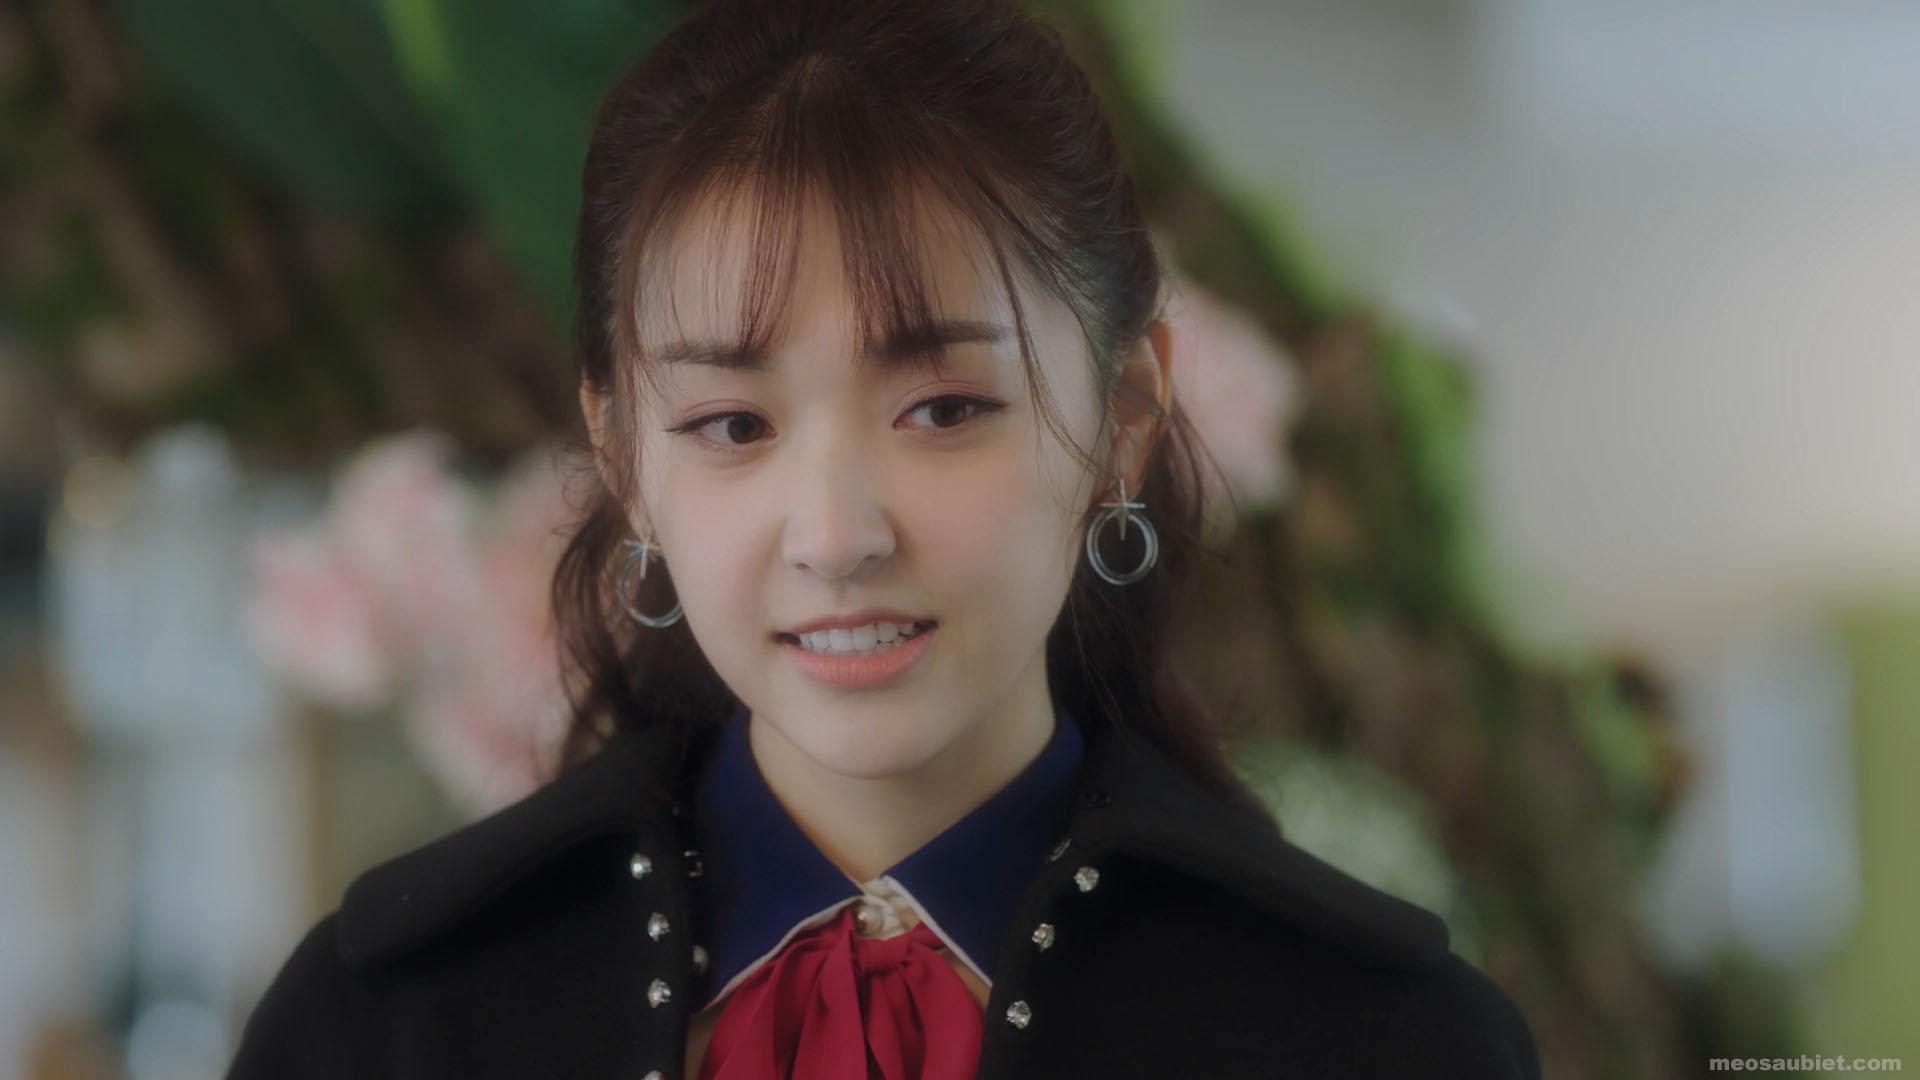 Ai cũng khao khát gặp được em 2020 Trần Hạo Lam trong vai Lưu Văn Na